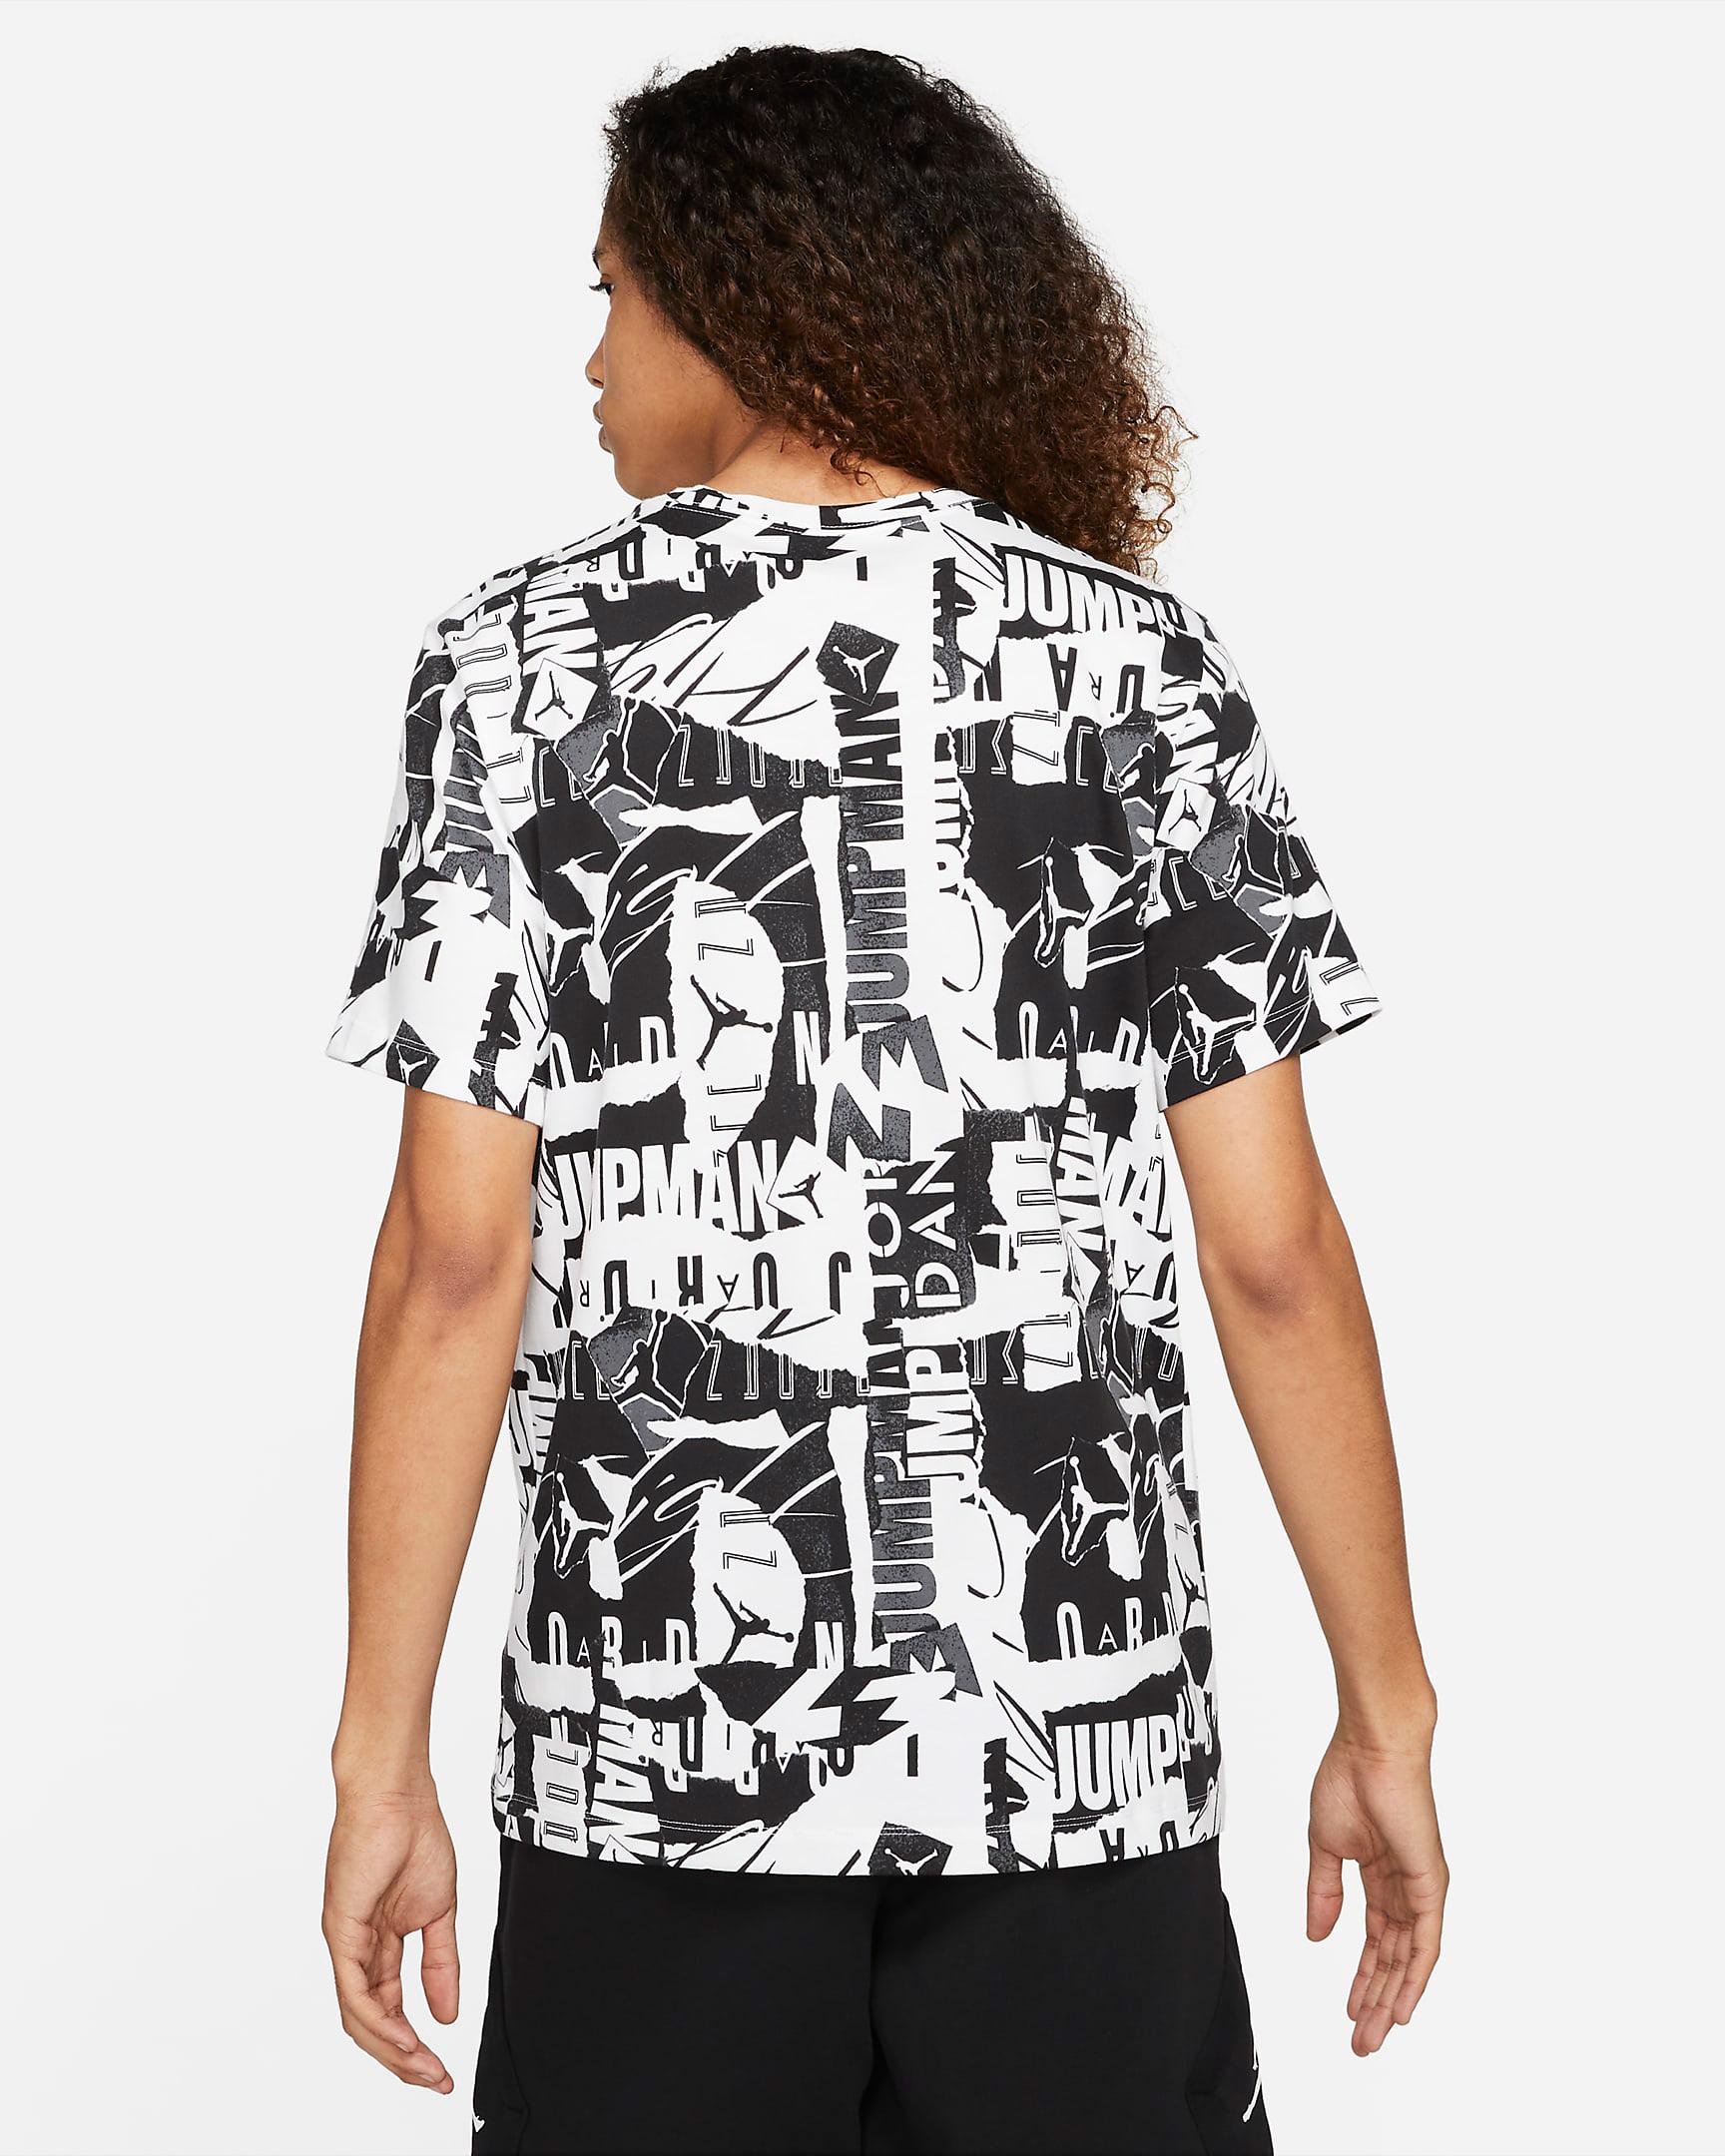 air-jordan-5-oreo-shirt-2